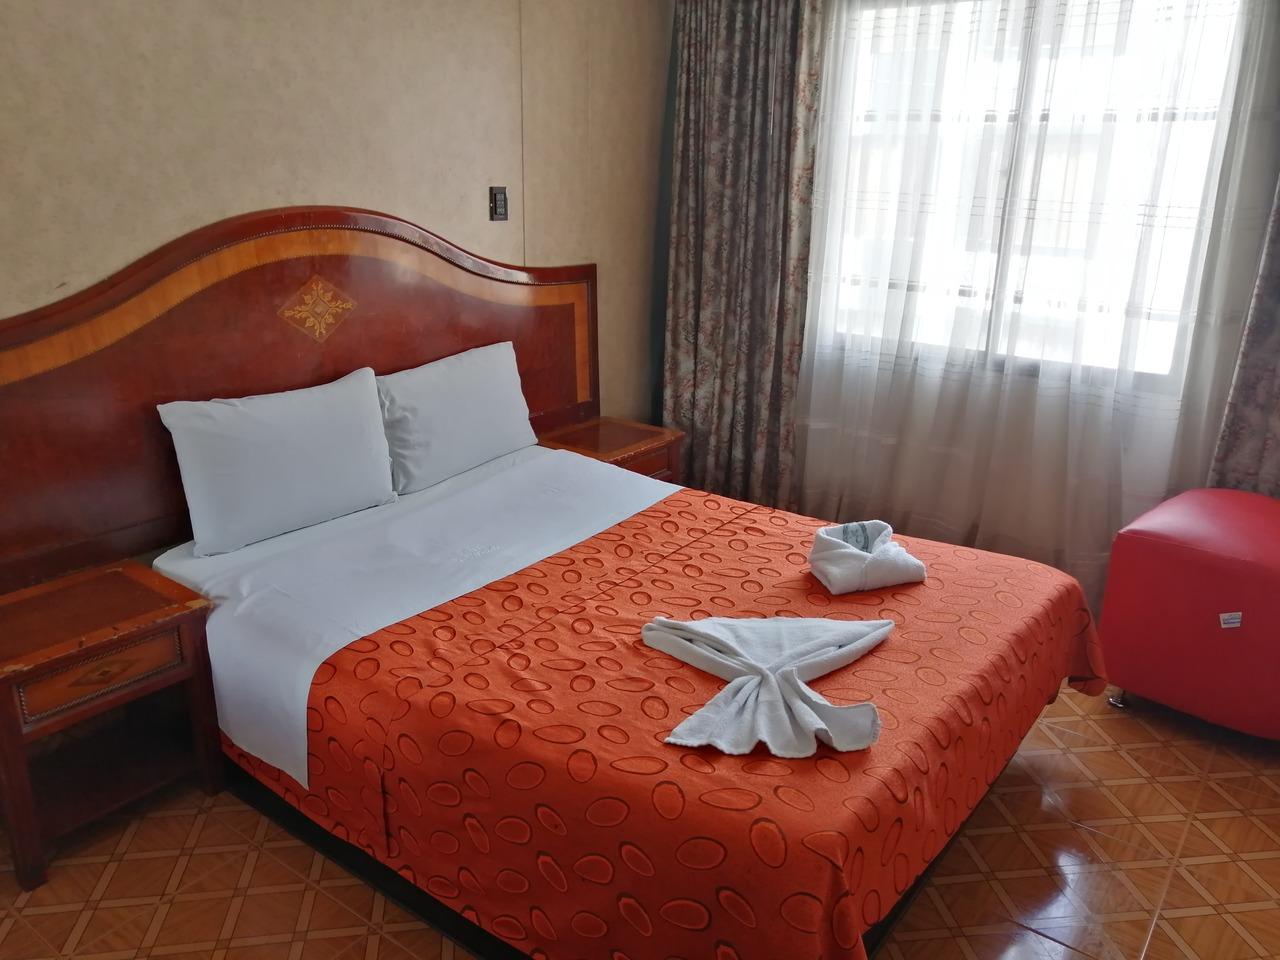 Motel Cronos en Kennedy : MotelNow